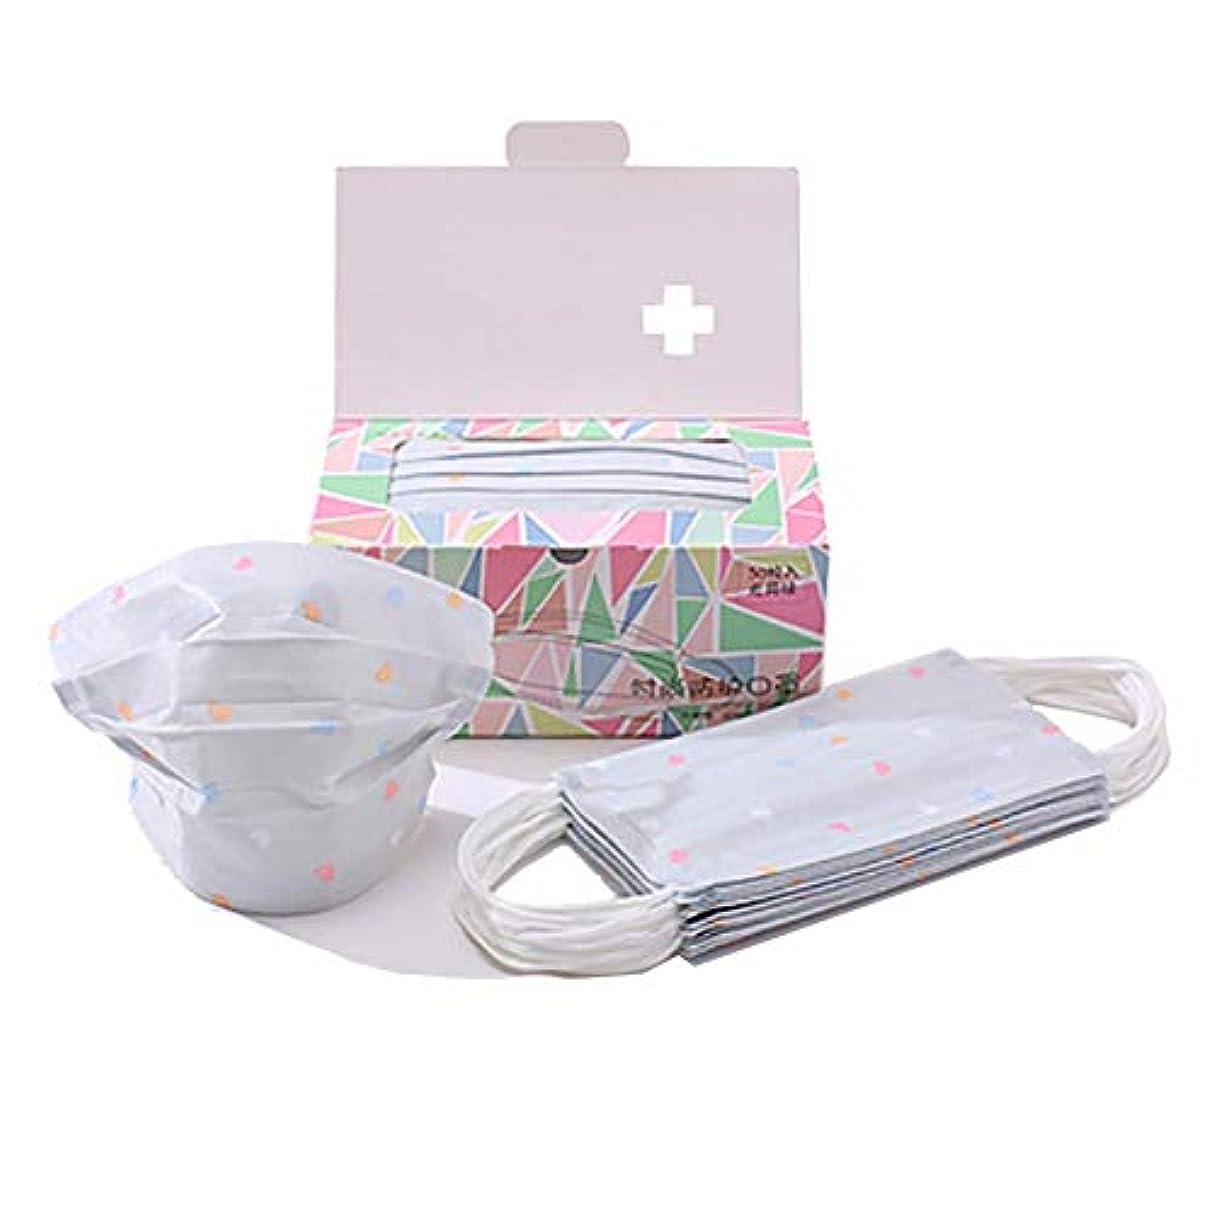 通常マングル用語集Chinashow 100個使い捨てイヤループフェイスマスク - 歯科手術用医療アレルギーインフルエンザ低刺激性、通気性 生殖防塵マスク、灰色 愛